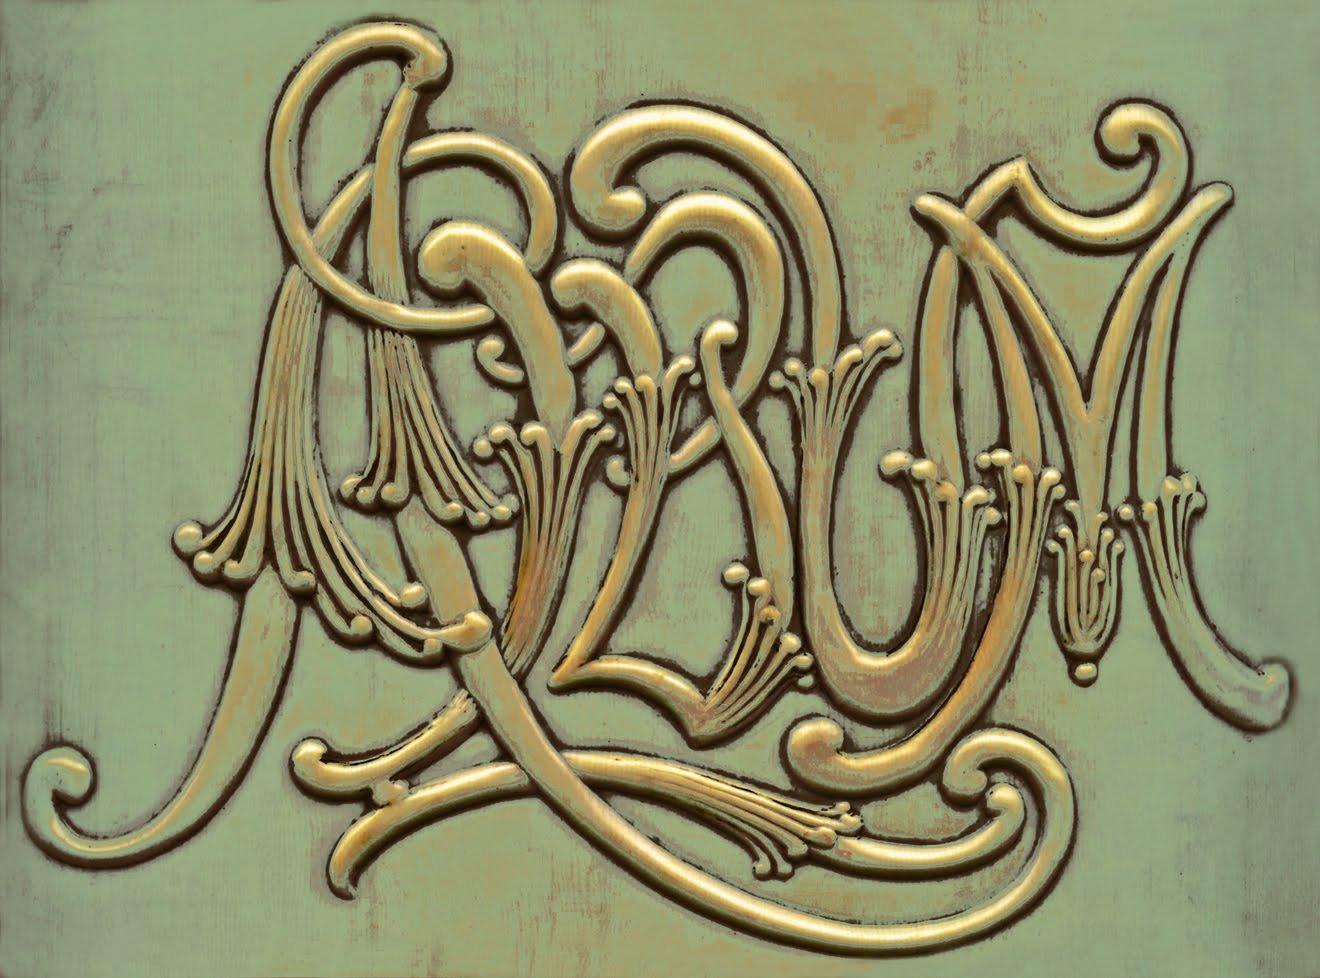 mudbay images antique celluloid album